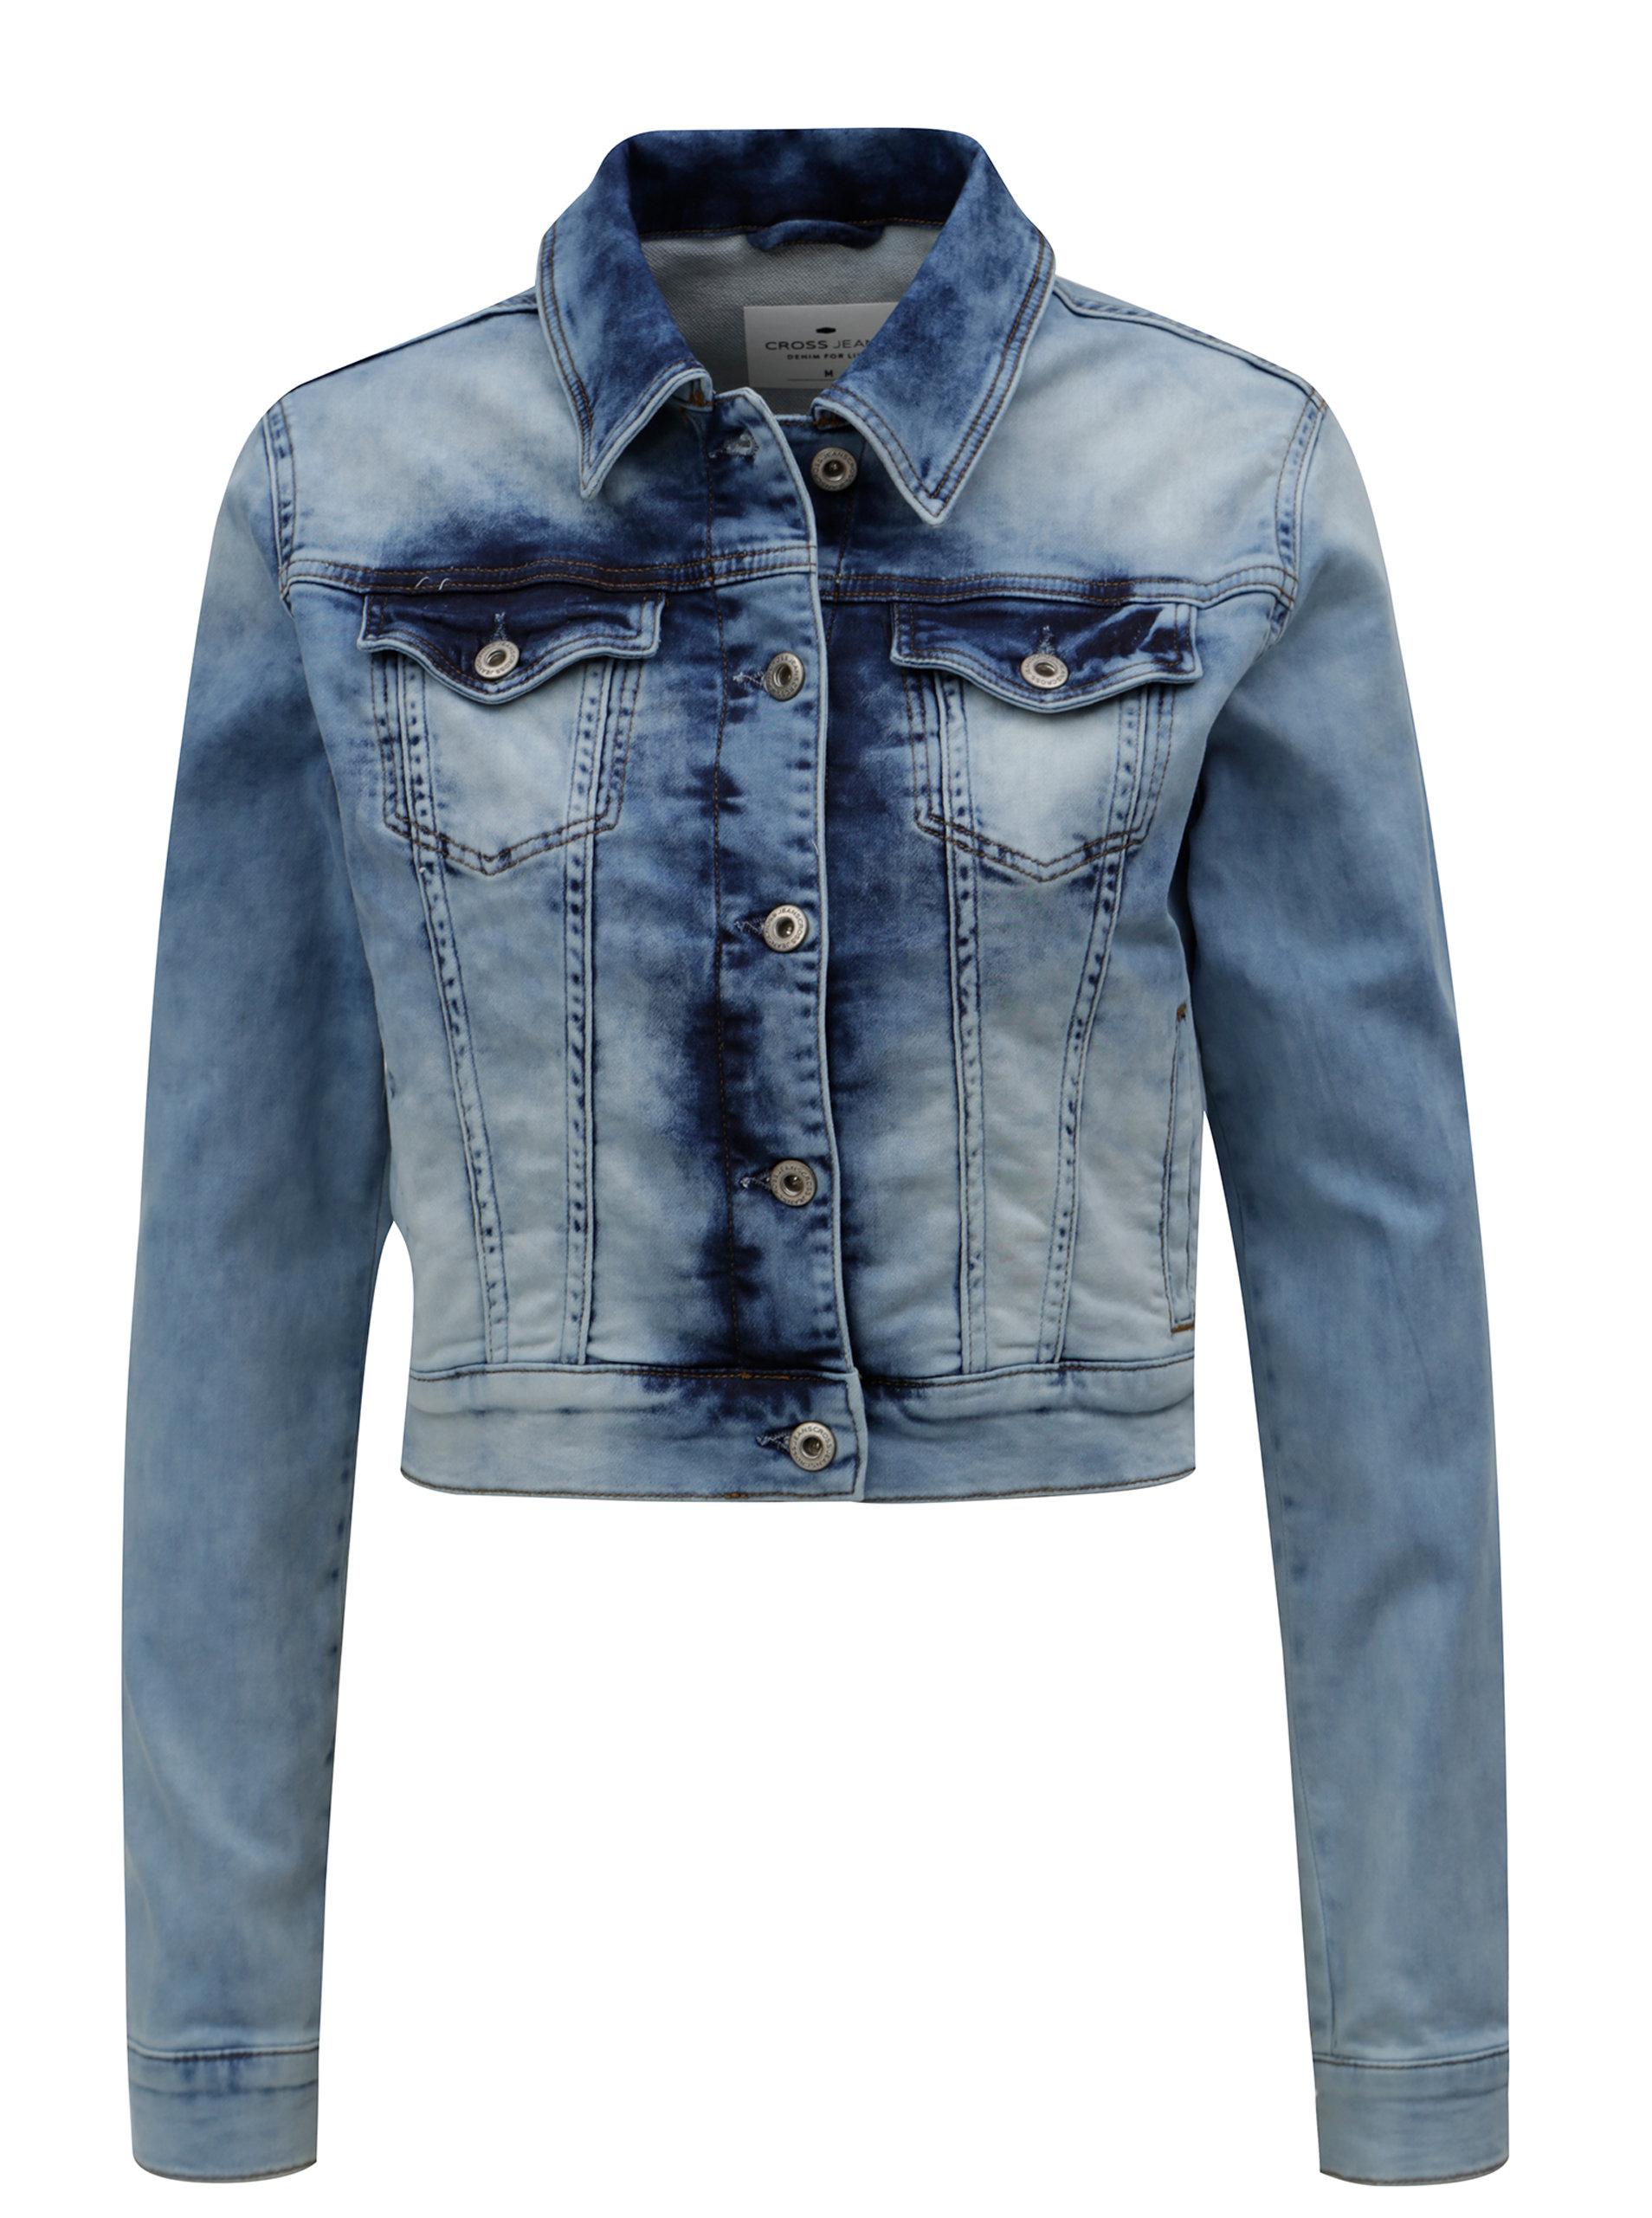 d55440028ee5 Světle modrá dámská džínová bunda Cross Jeans ...